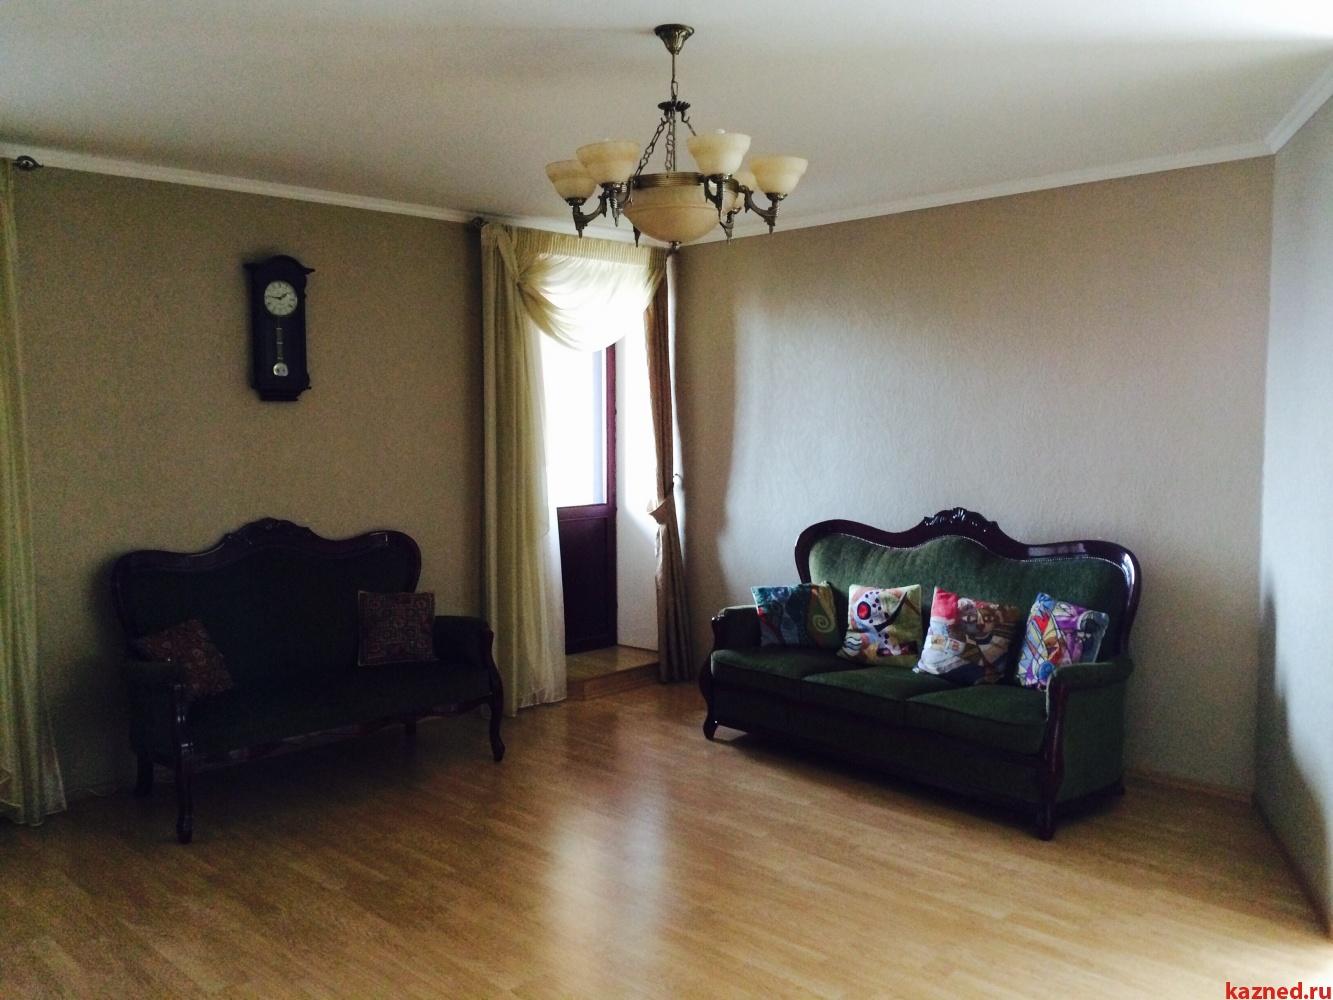 Продажа 3-к квартиры Гвардейская,16, 86 м²  (миниатюра №1)